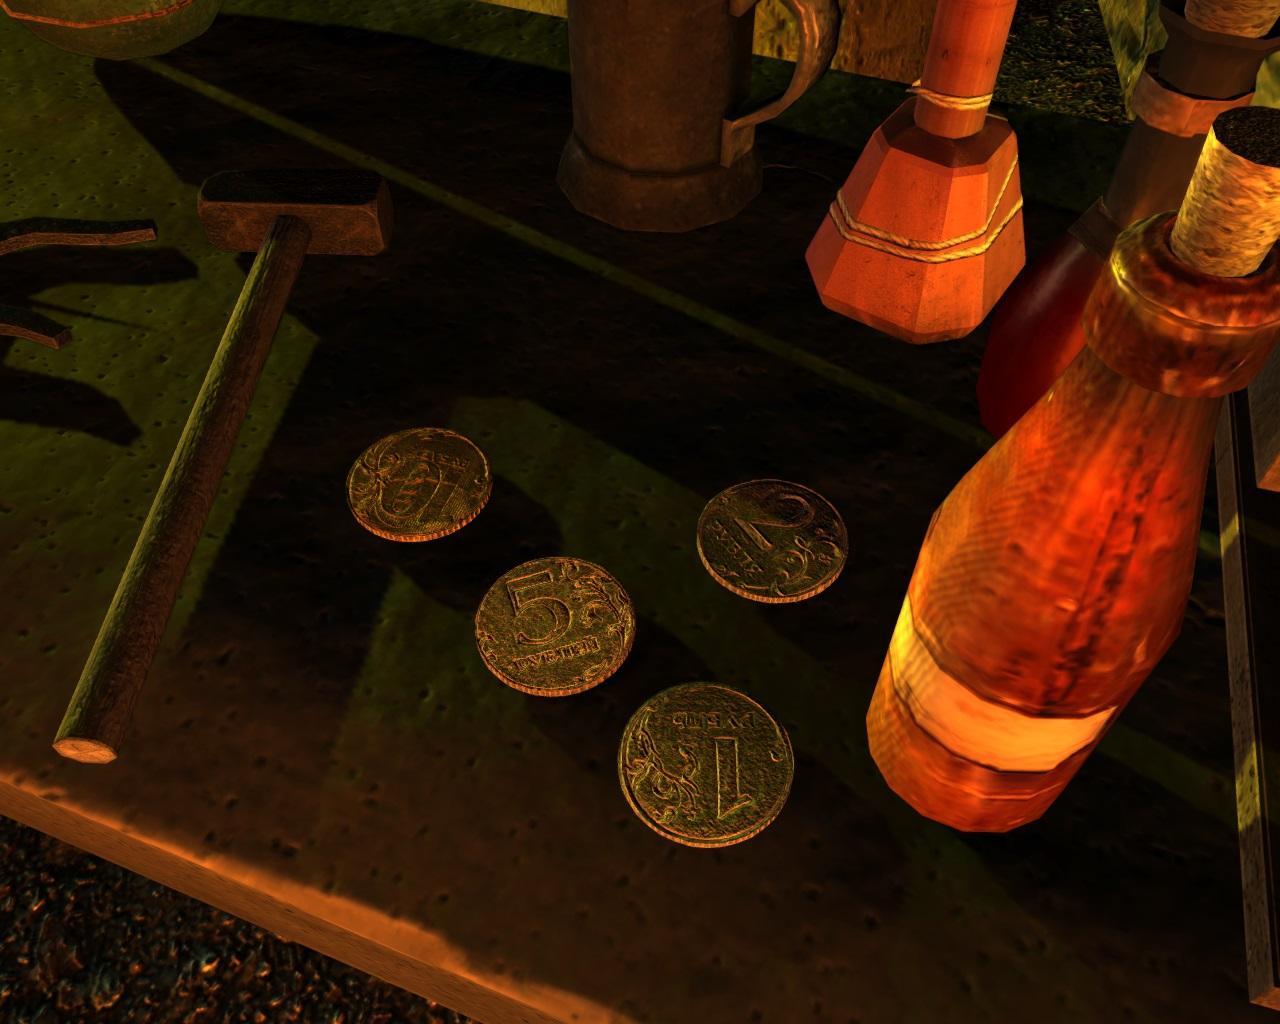 Рублики - Elder Scrolls 5: Skyrim, the